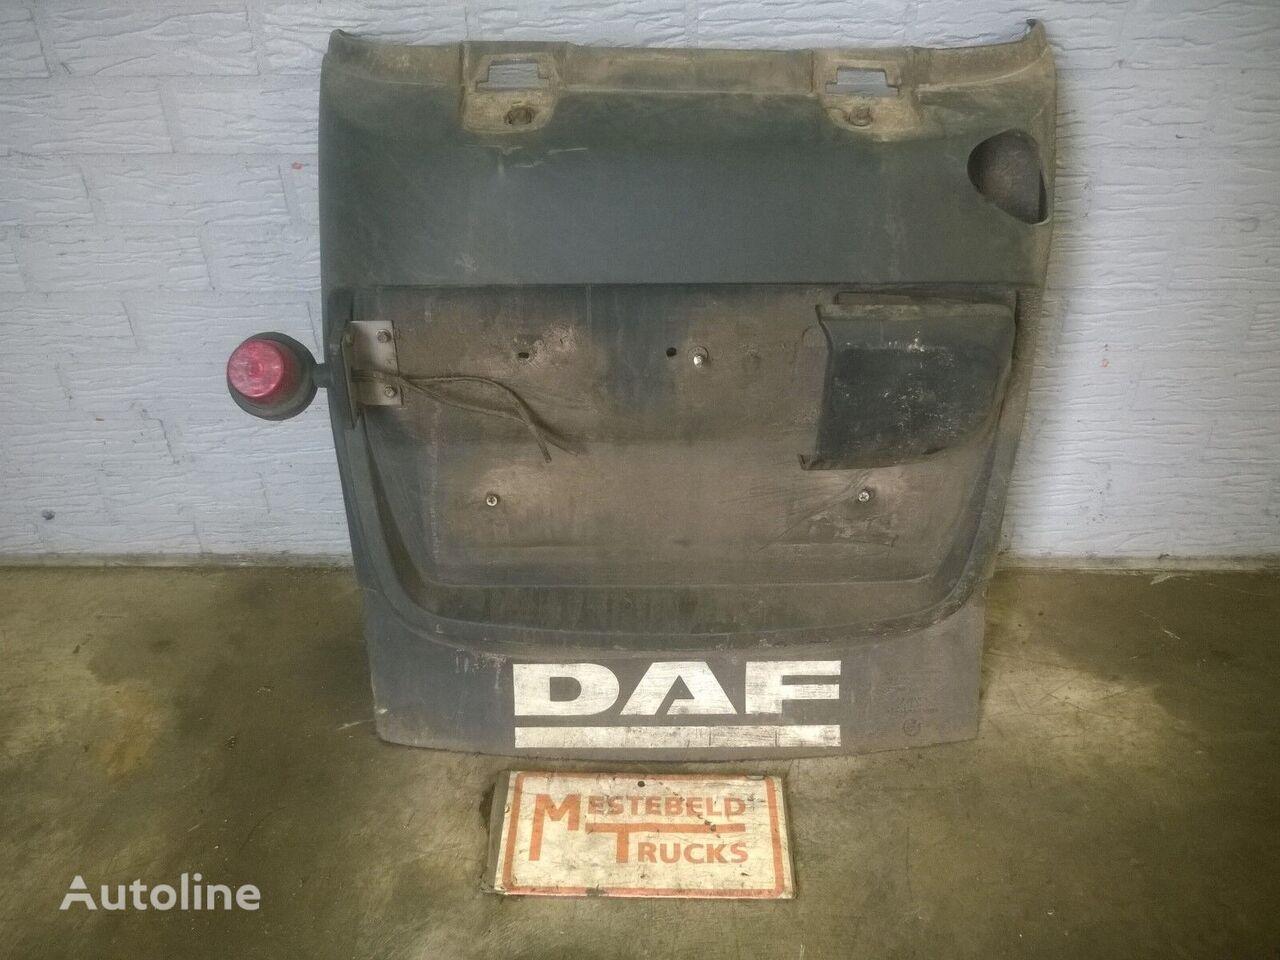 DAF Spatbord v actheras CF85 links mudguard for DAF truck